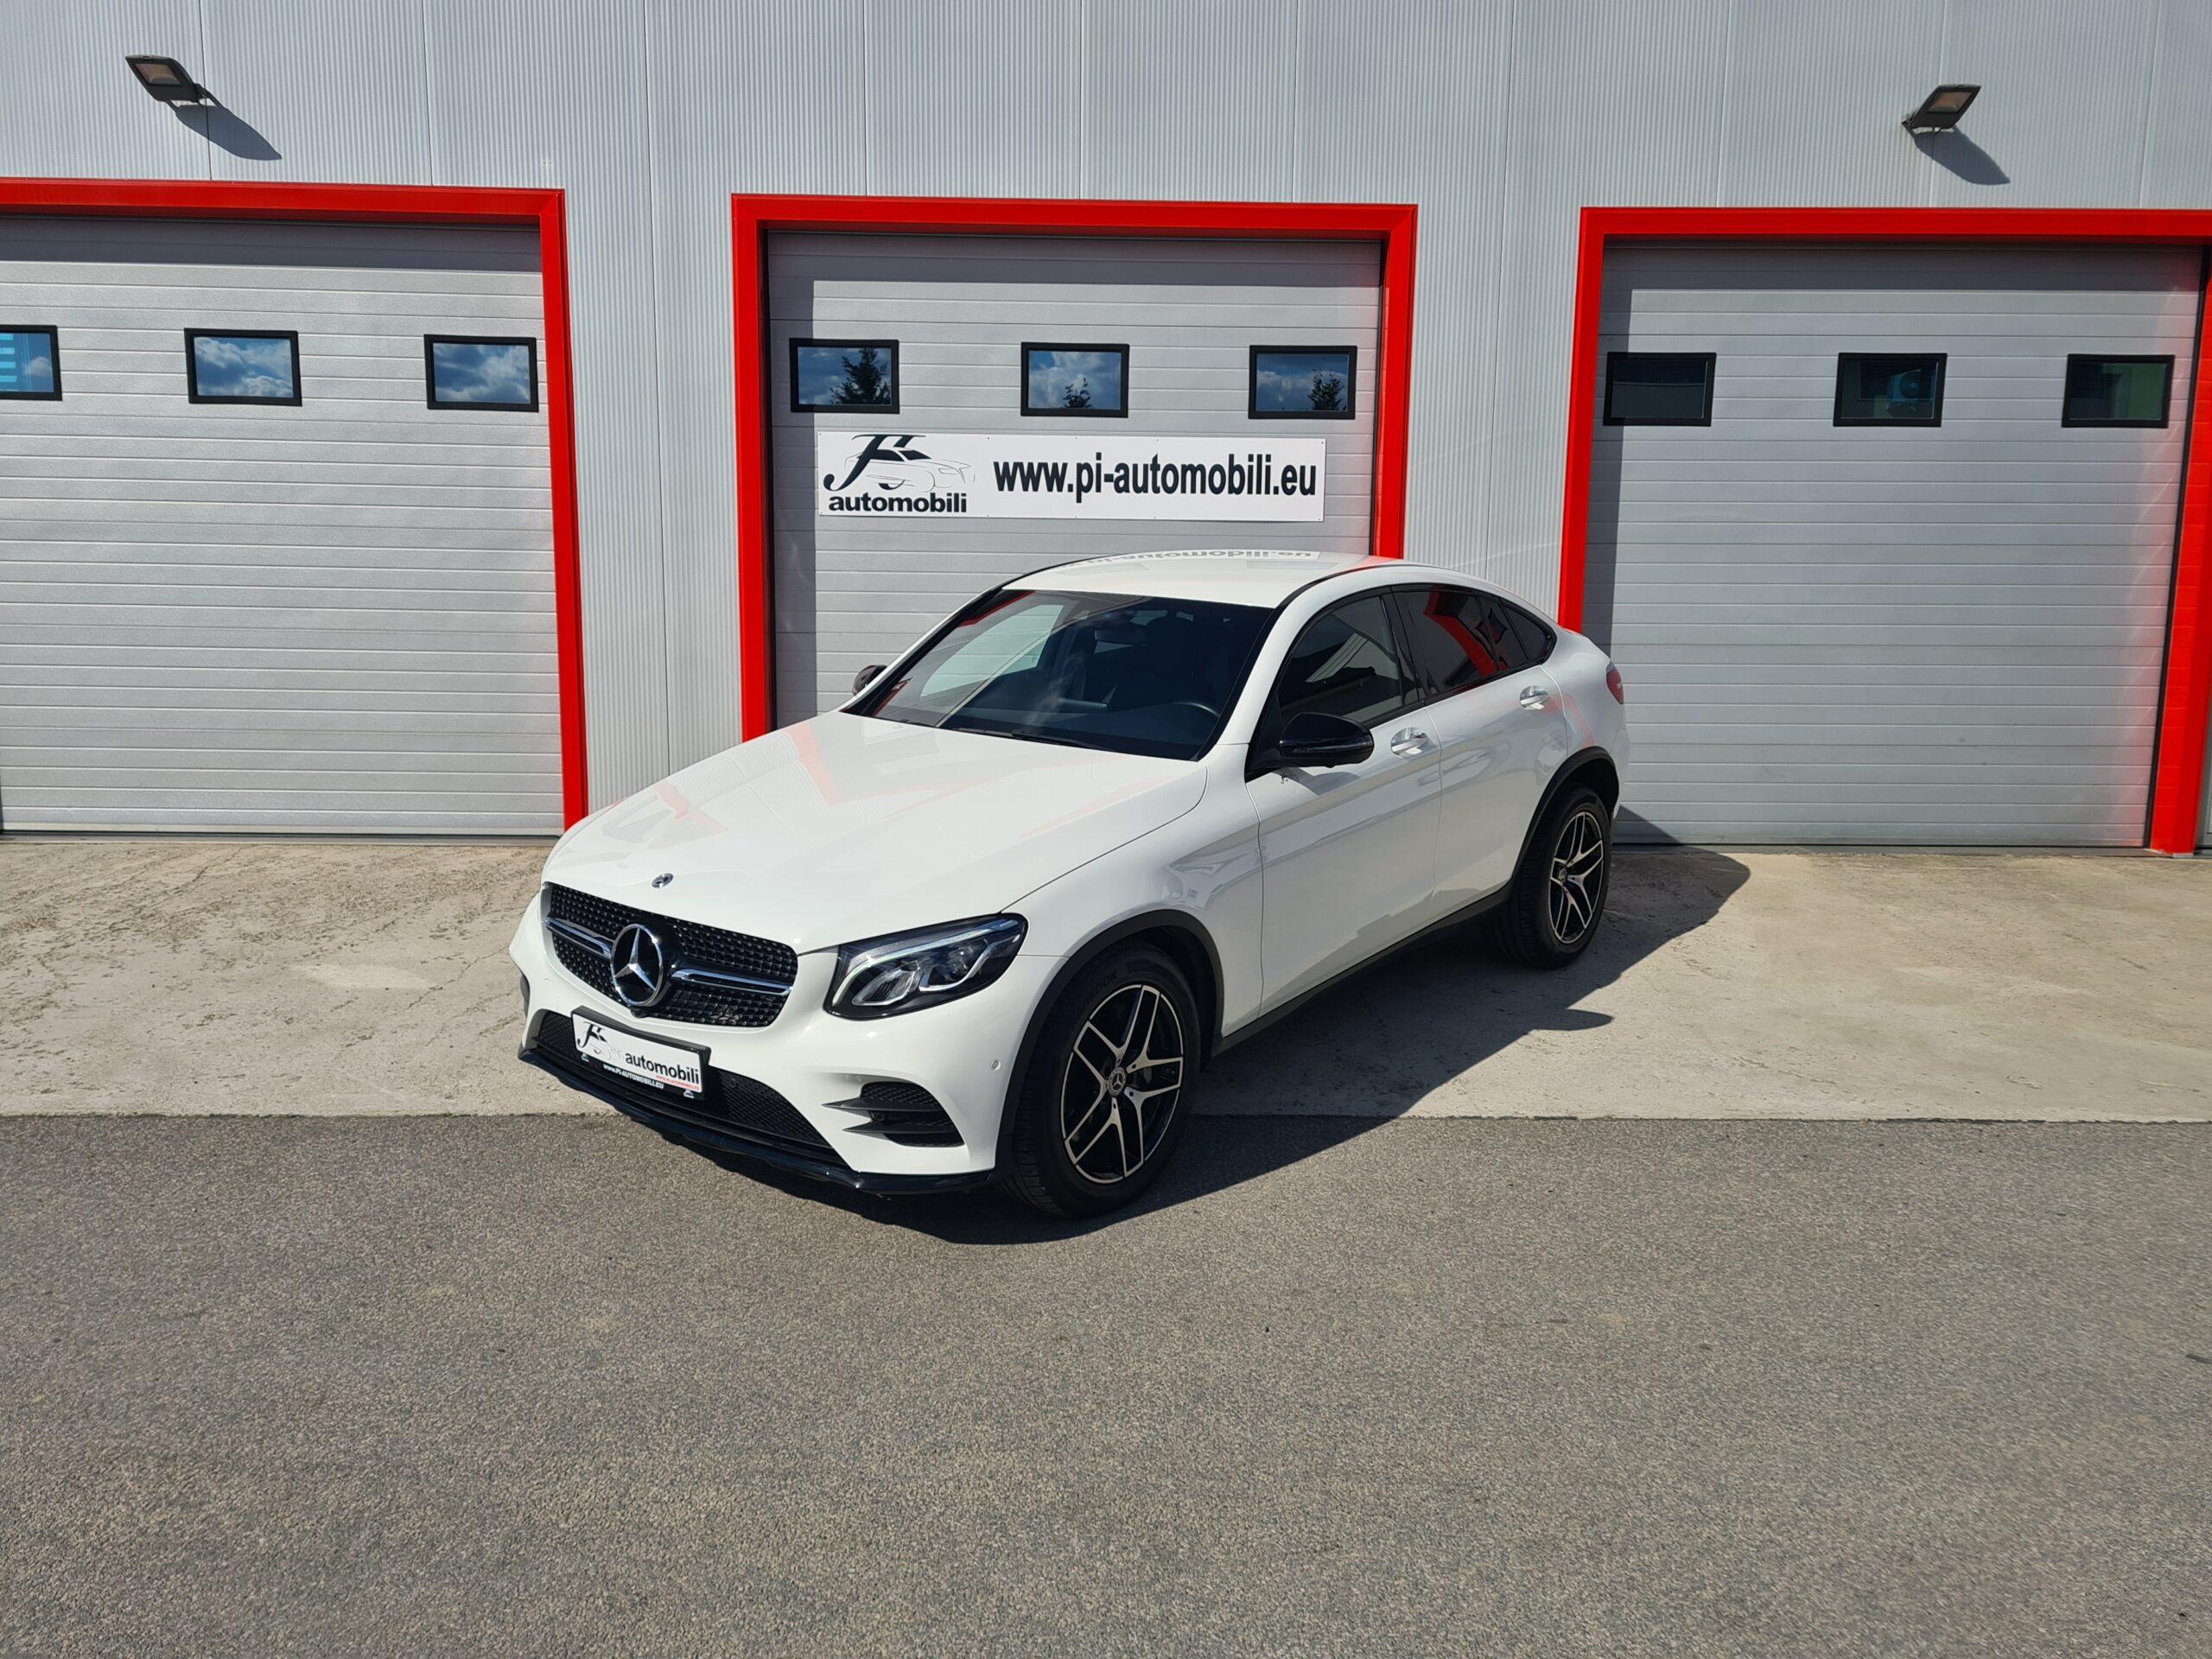 Mercedes-Benz GLC Coupe 220d AMG automatik